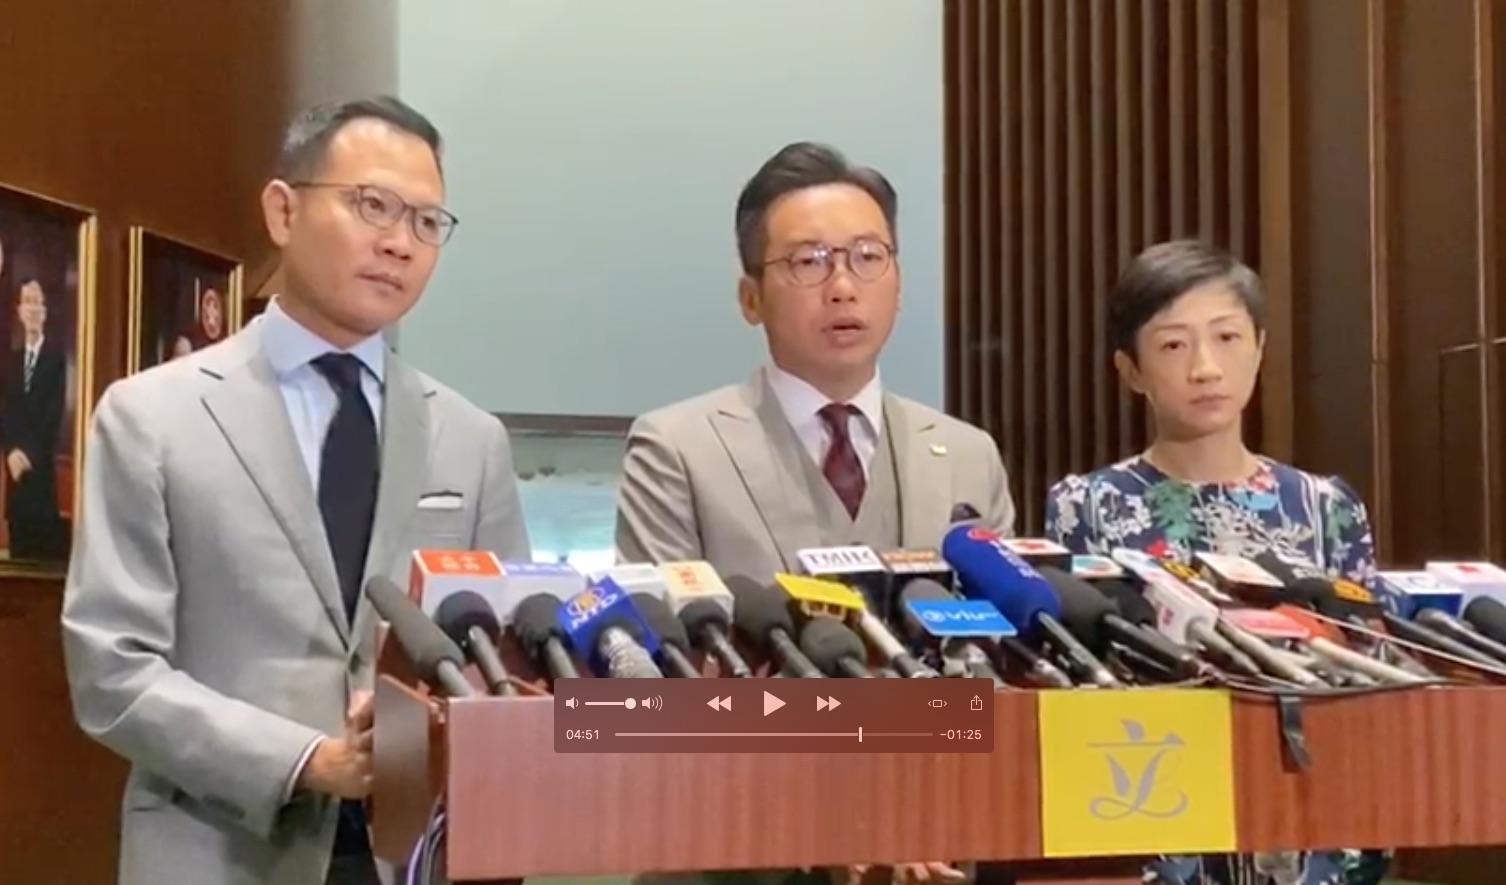 11月20日,香港立法會議員、執業大律師楊岳橋(中)在記者會上,回答大紀元記者的提問。(駱亞/大紀元)